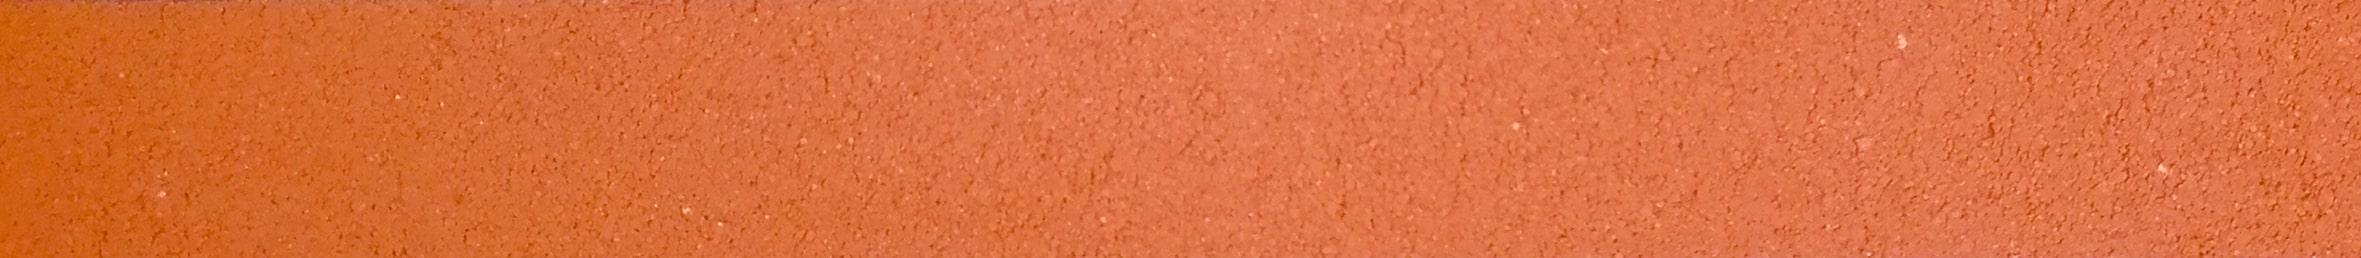 Fugenmörtel - Fugenfarbe 1029